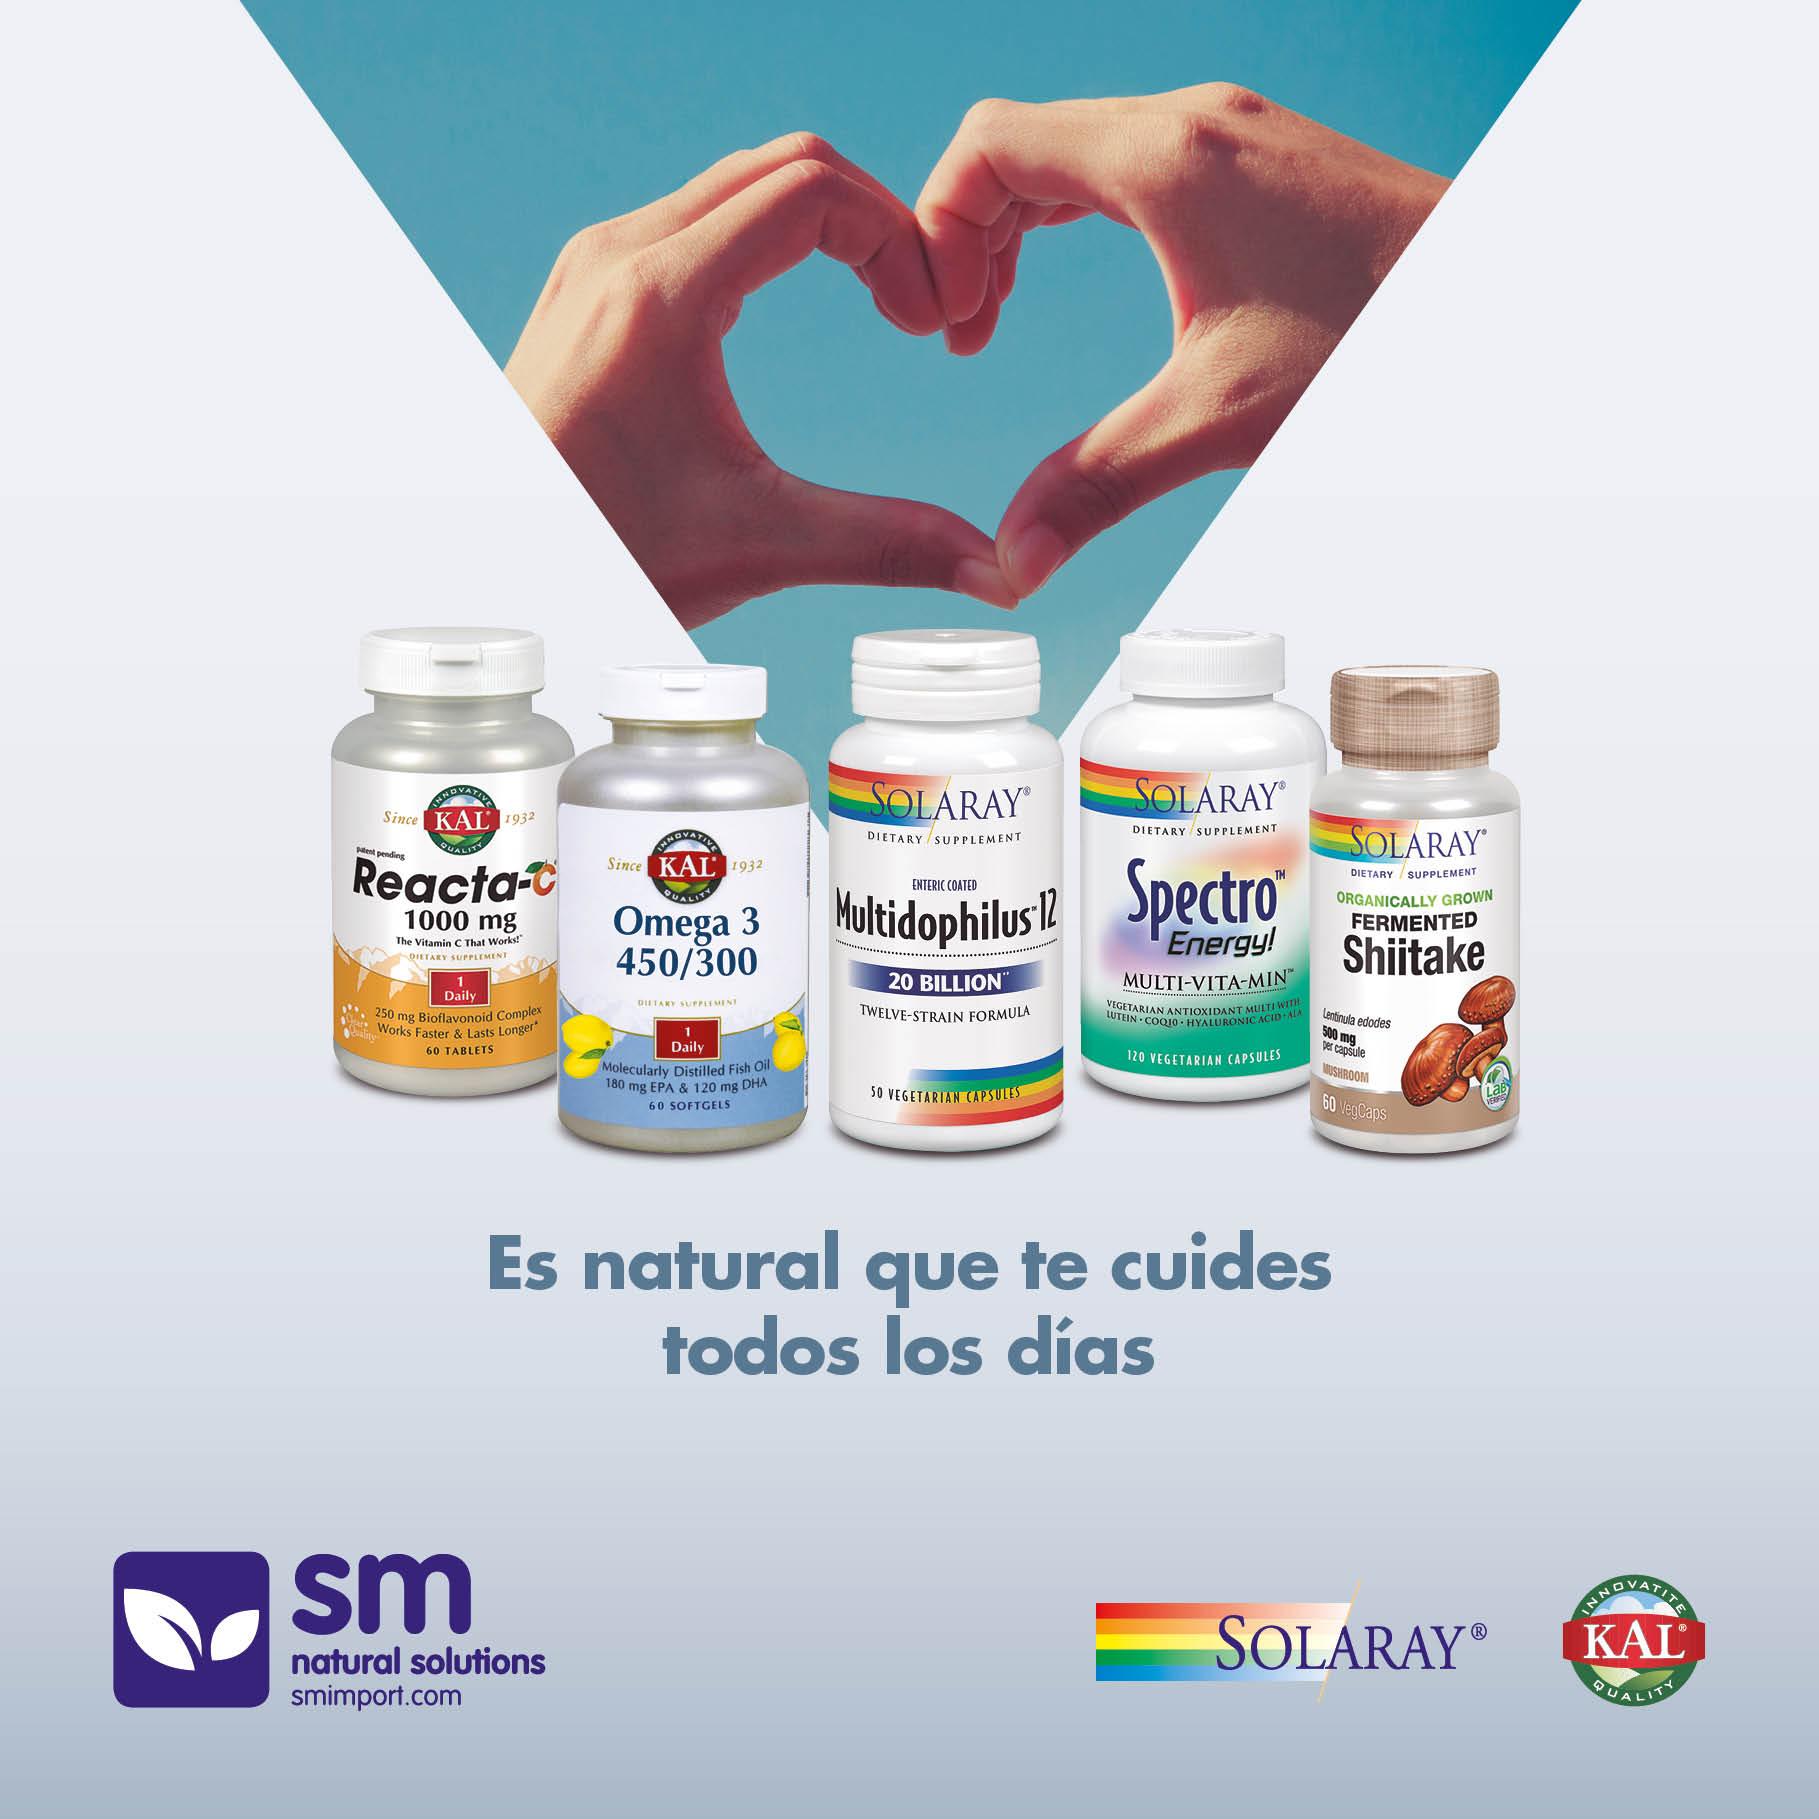 CANCELADO!!! Eres únic@, Cuidamos de tu piel, cuidamos de tí